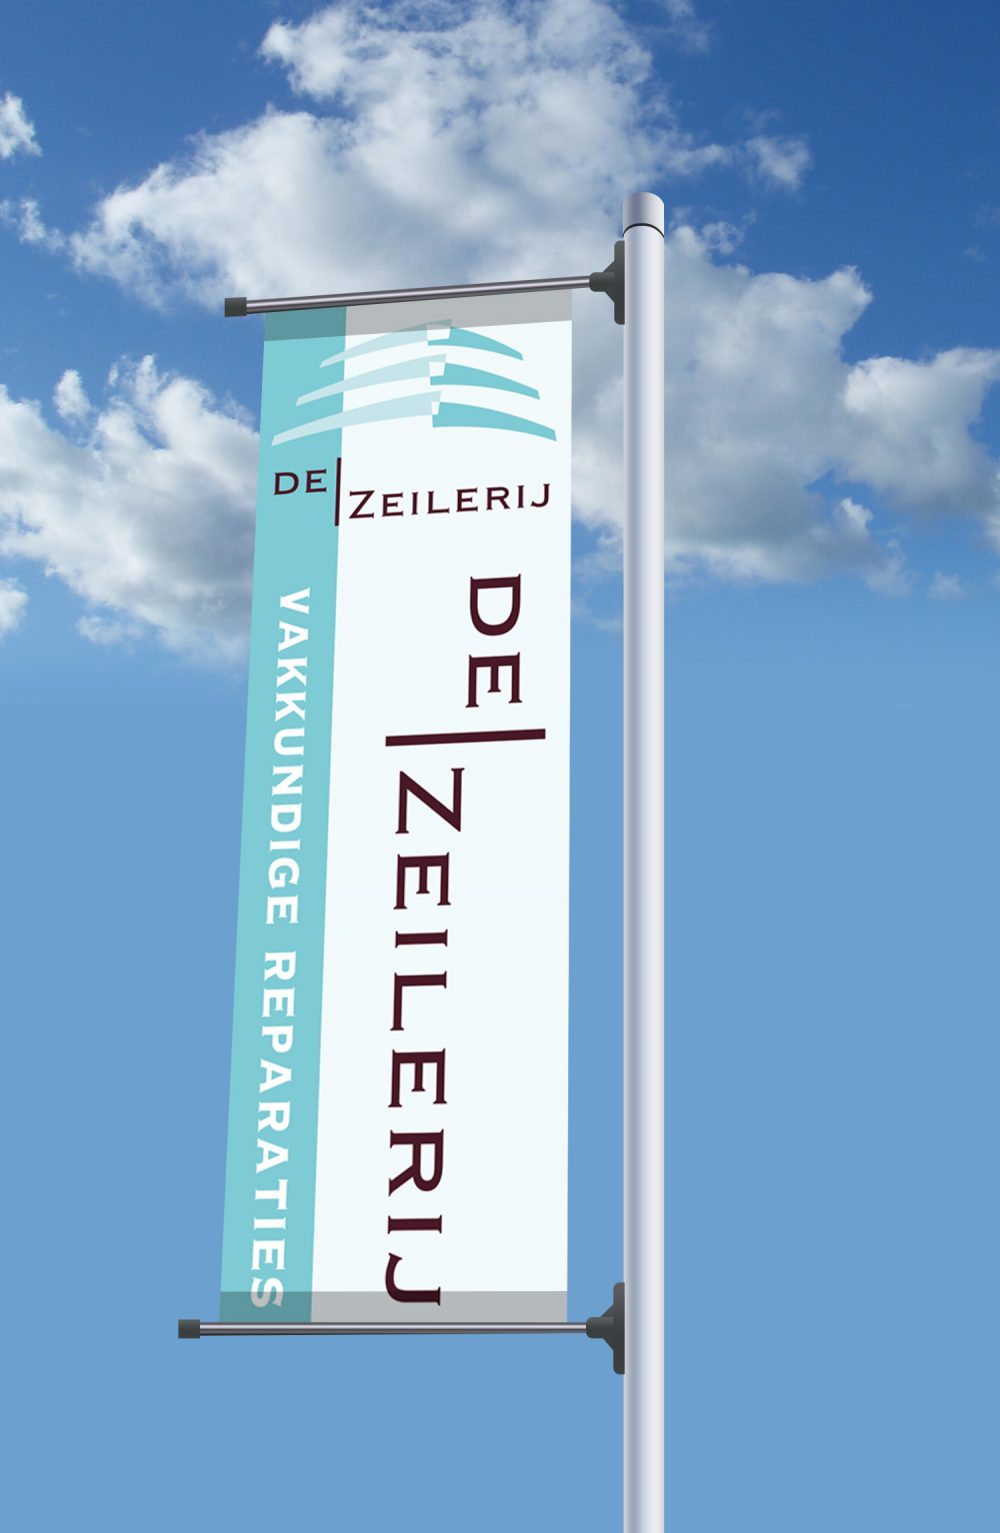 zeilerij-flag-1